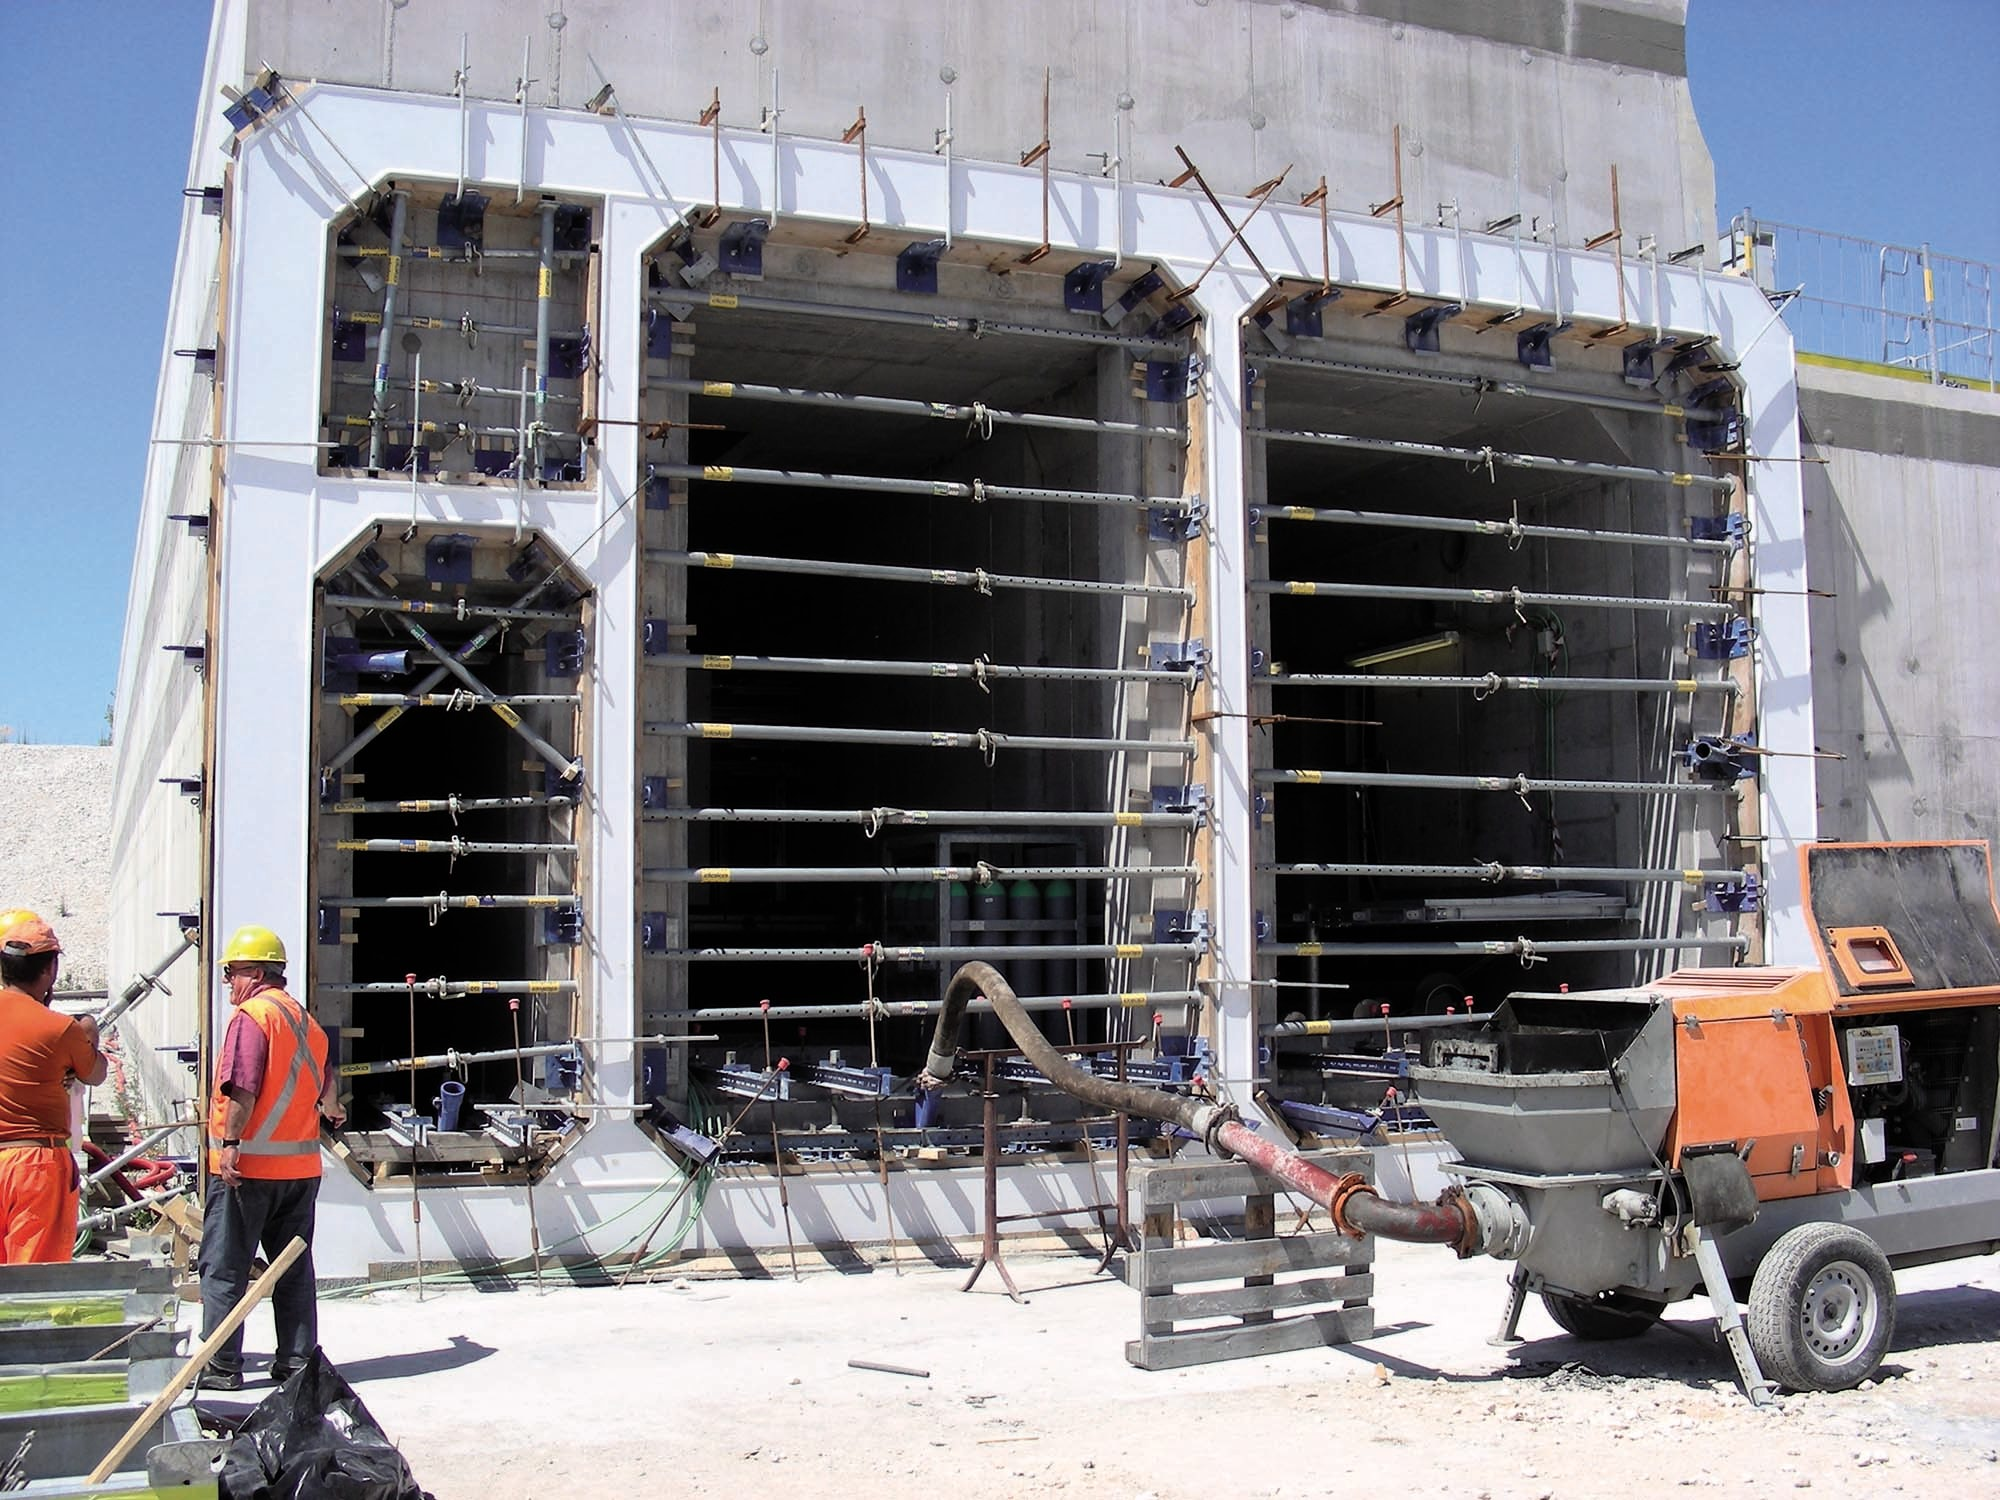 Soluzioni Mapei per il MOSE di Venezia - Preparazione e posizionamento dei casseri sui cassoni prima del pompaggio di MAPEFILL MF 610.